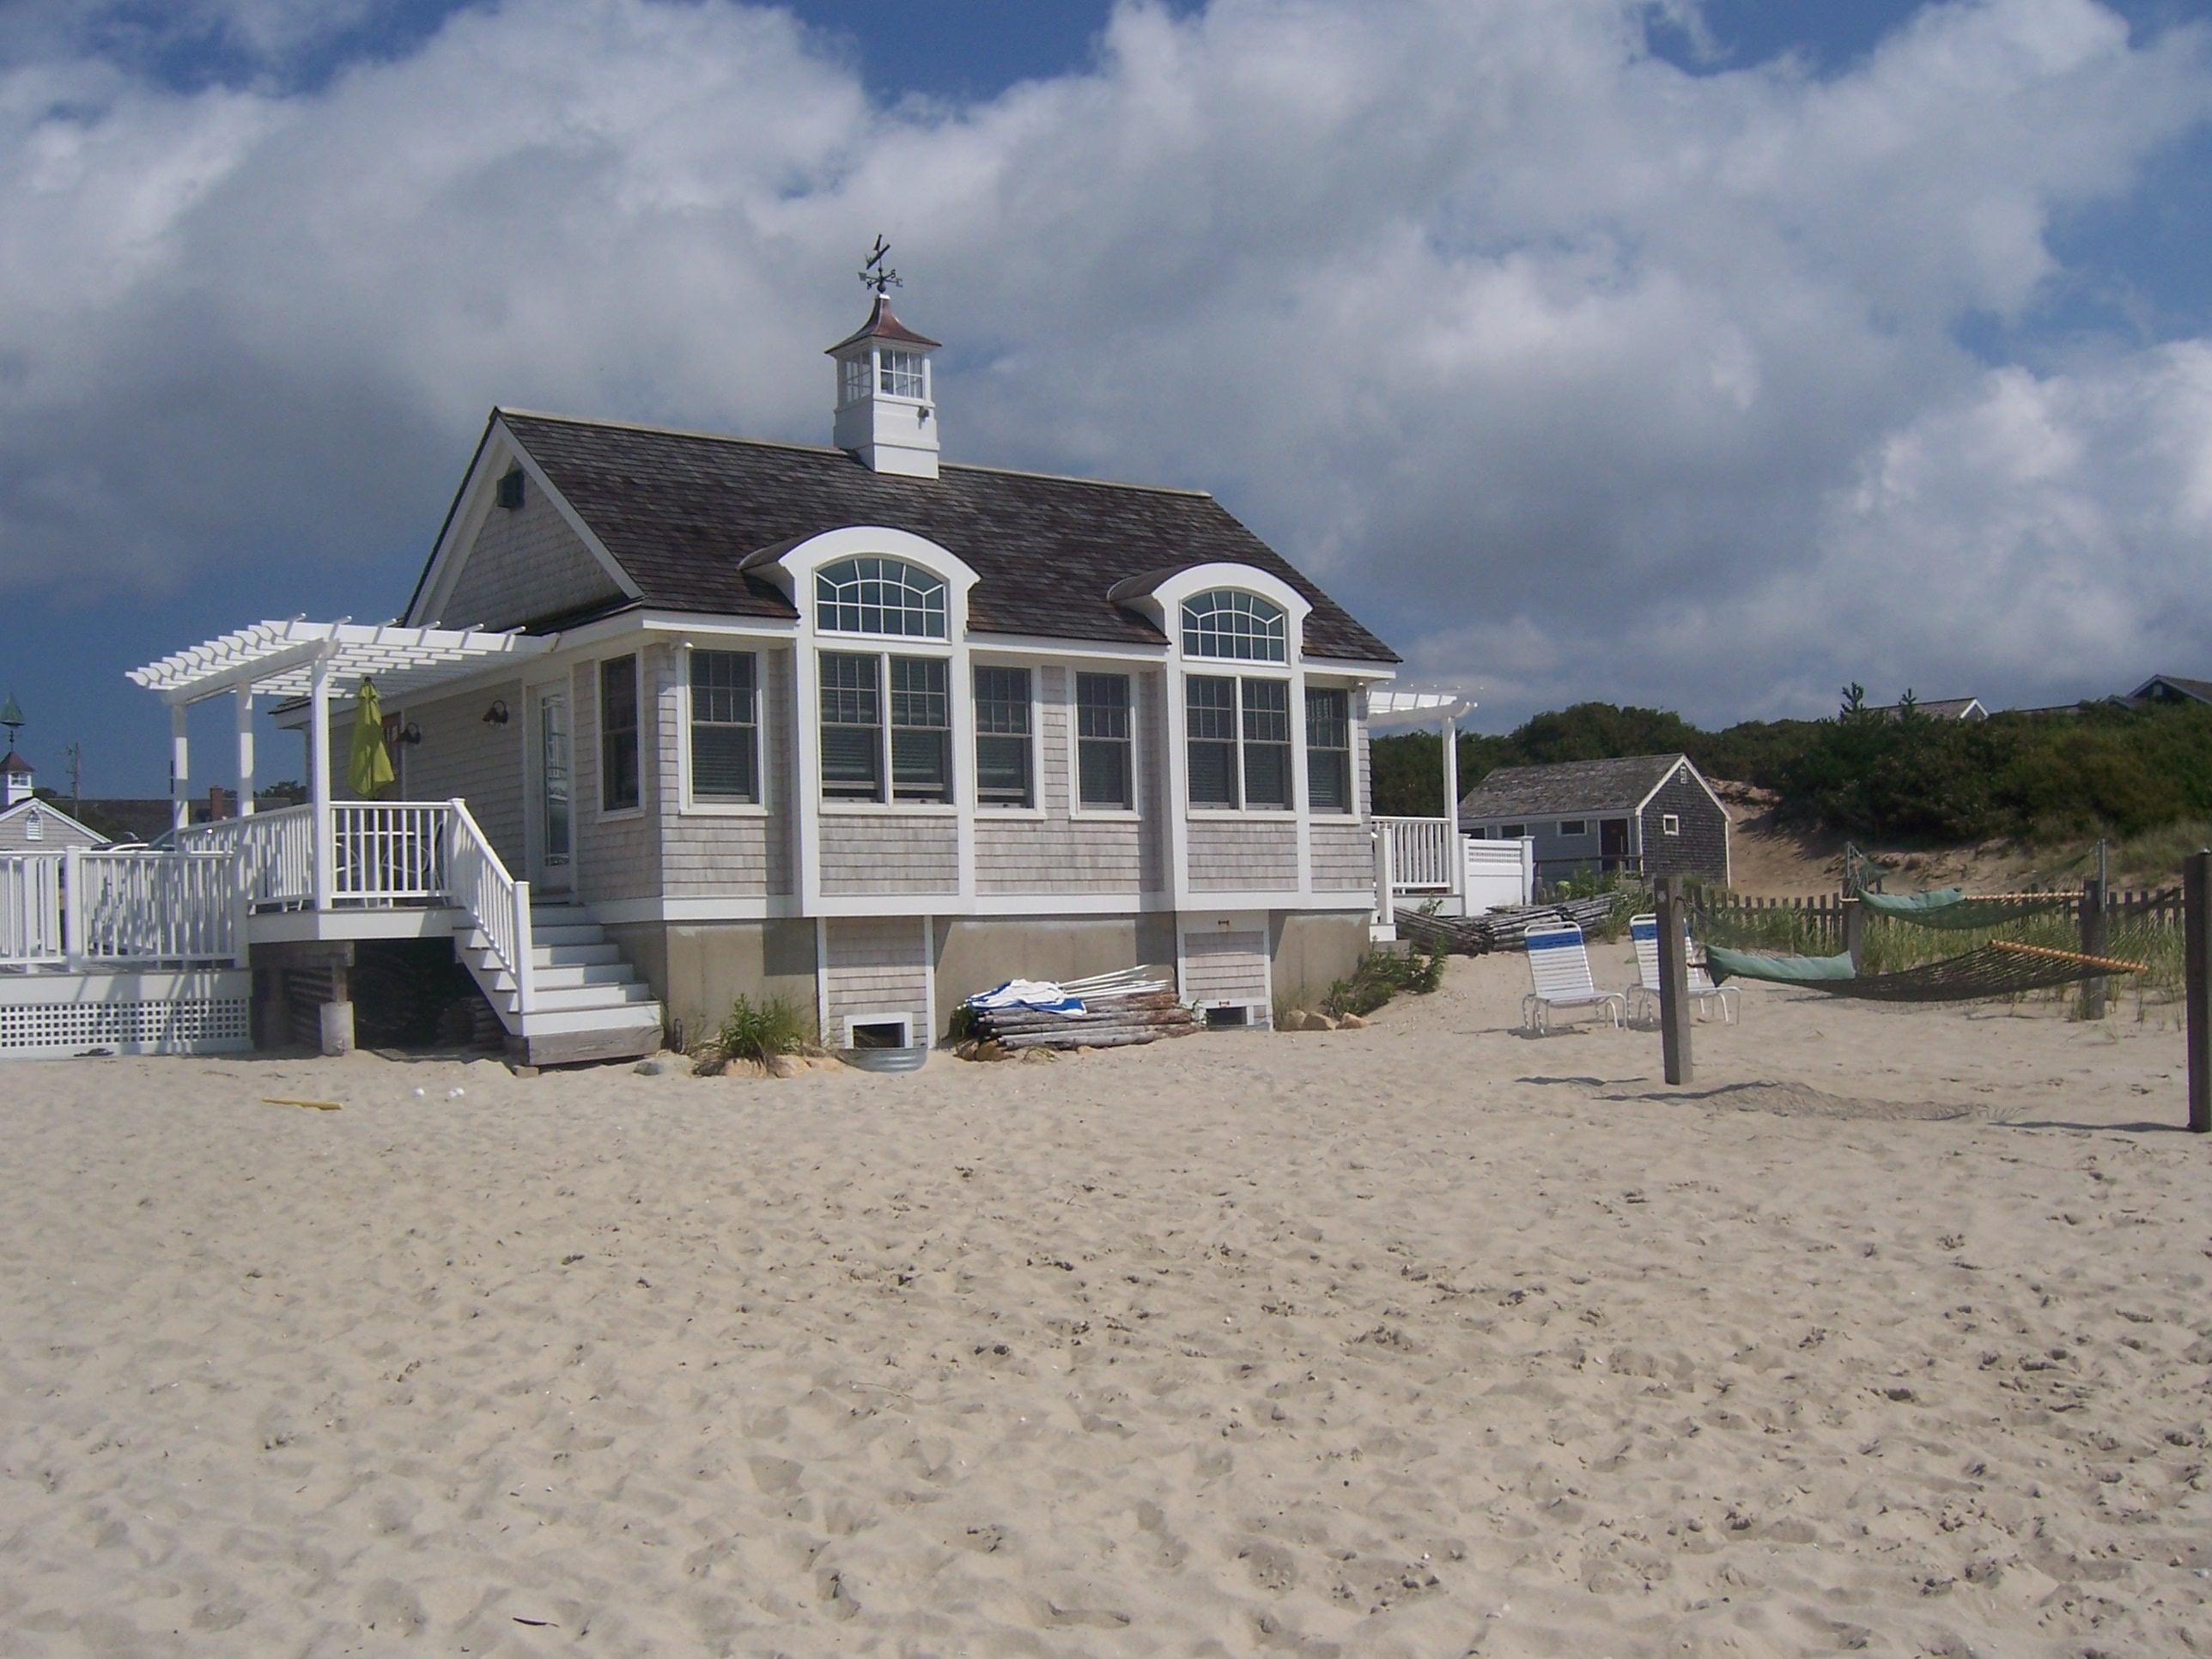 Cape cod inn the beach house inn on the beach cape cod for Beach house on the beach